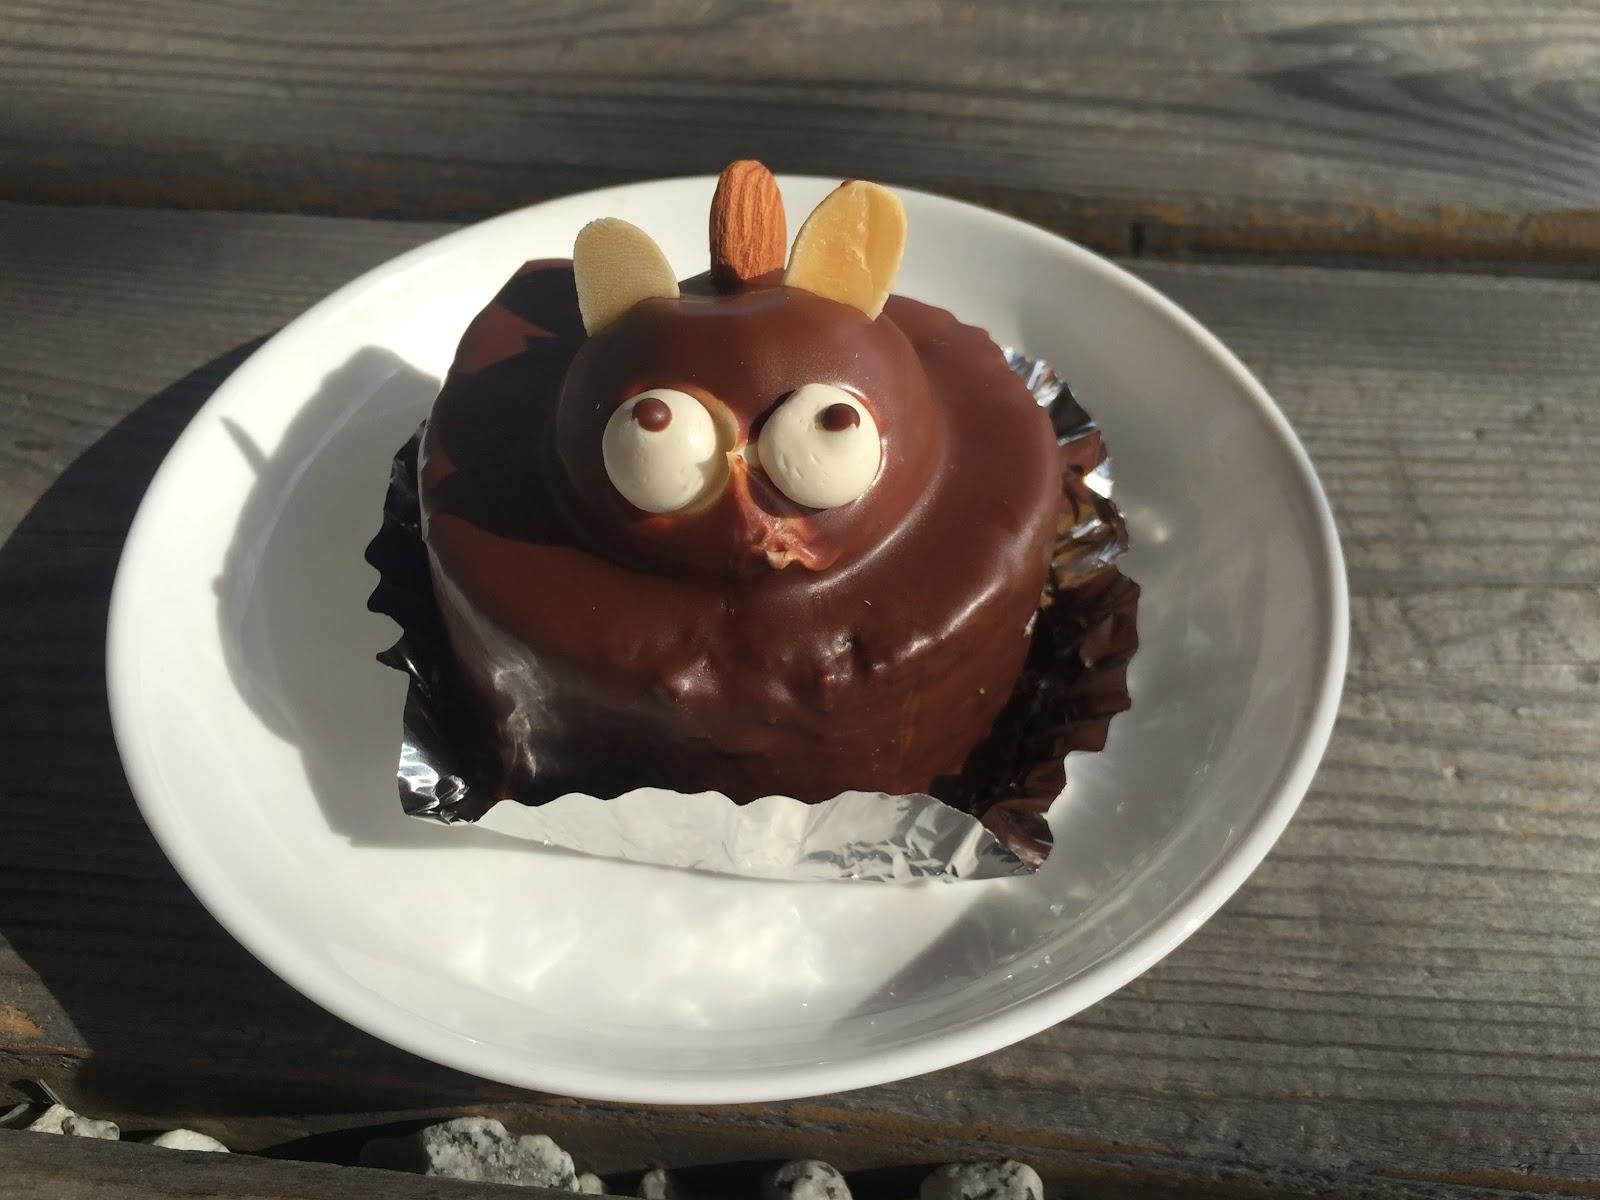 たぬきケーキ 北海道倶知安町「菓子工房みやたけ」